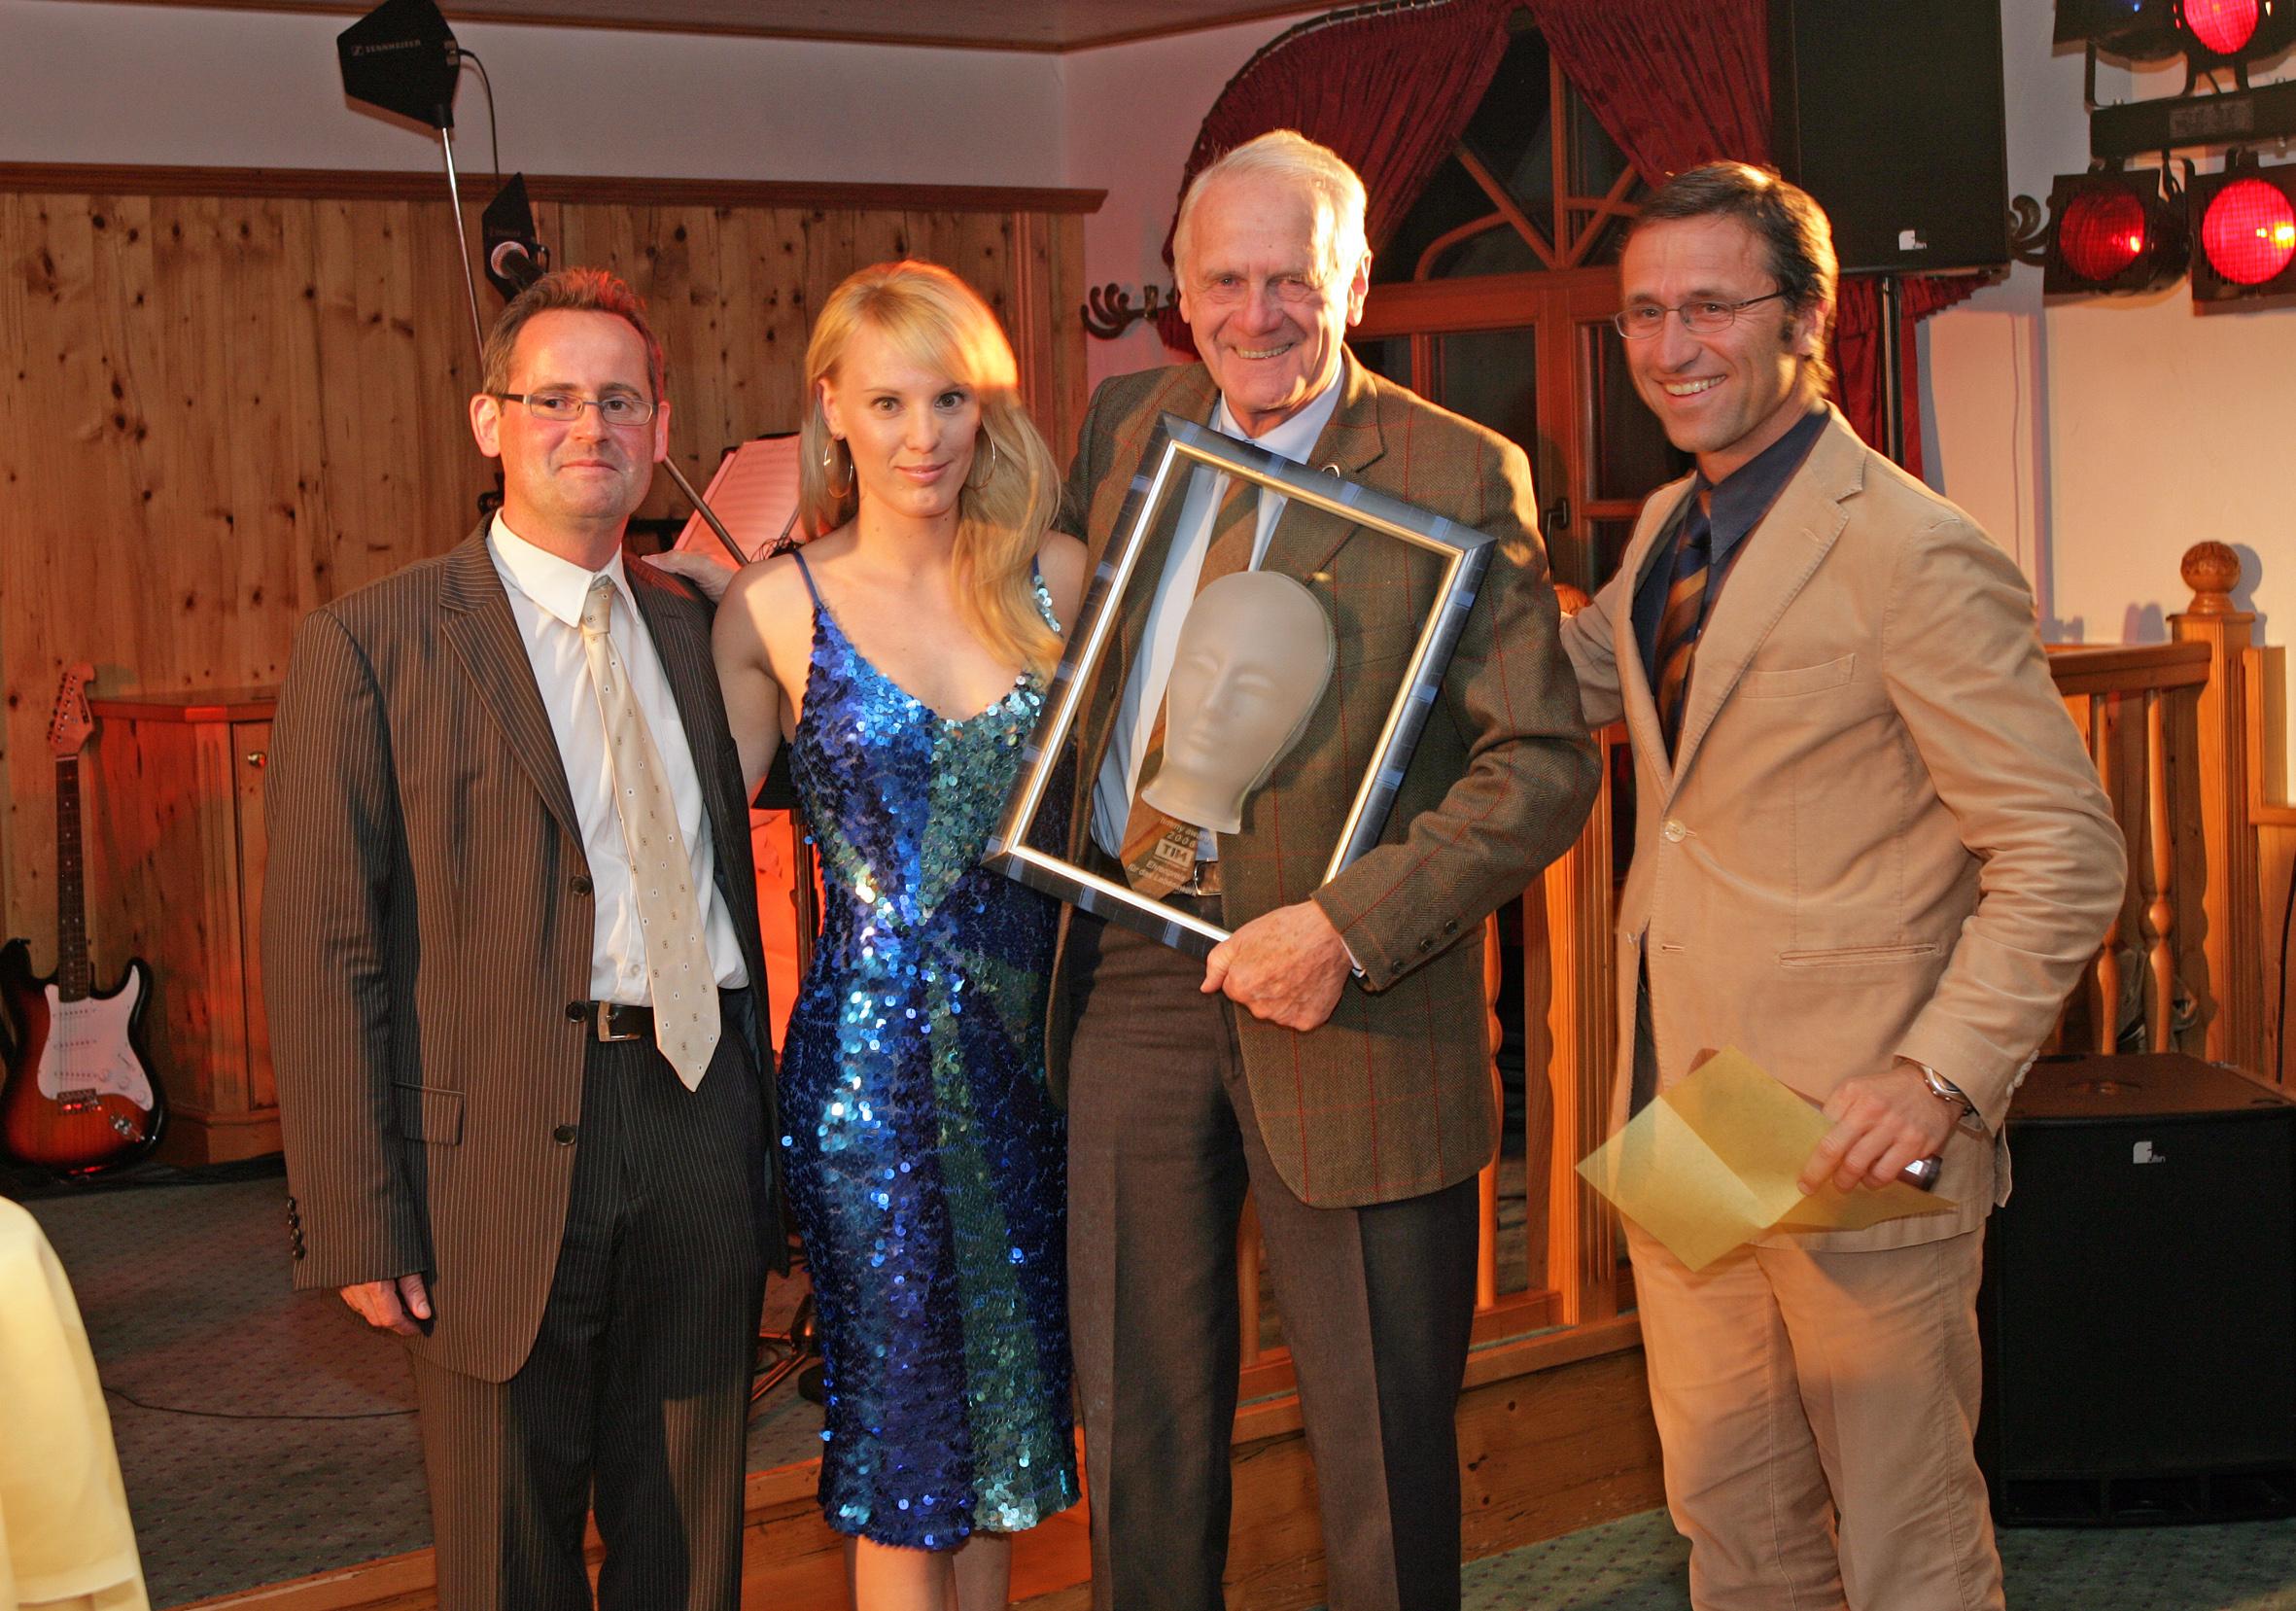 Verleihung des Touristica an Josef Ziepl